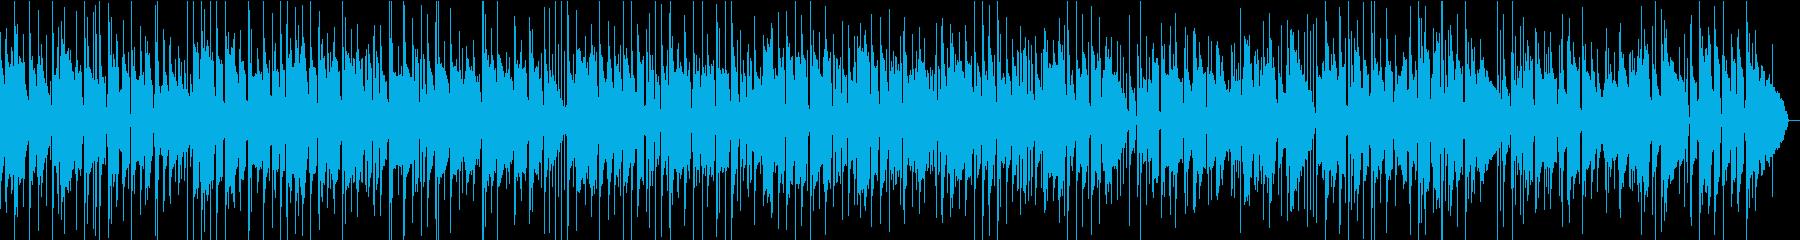 英詞アンプラグド風オトナのシティポップの再生済みの波形